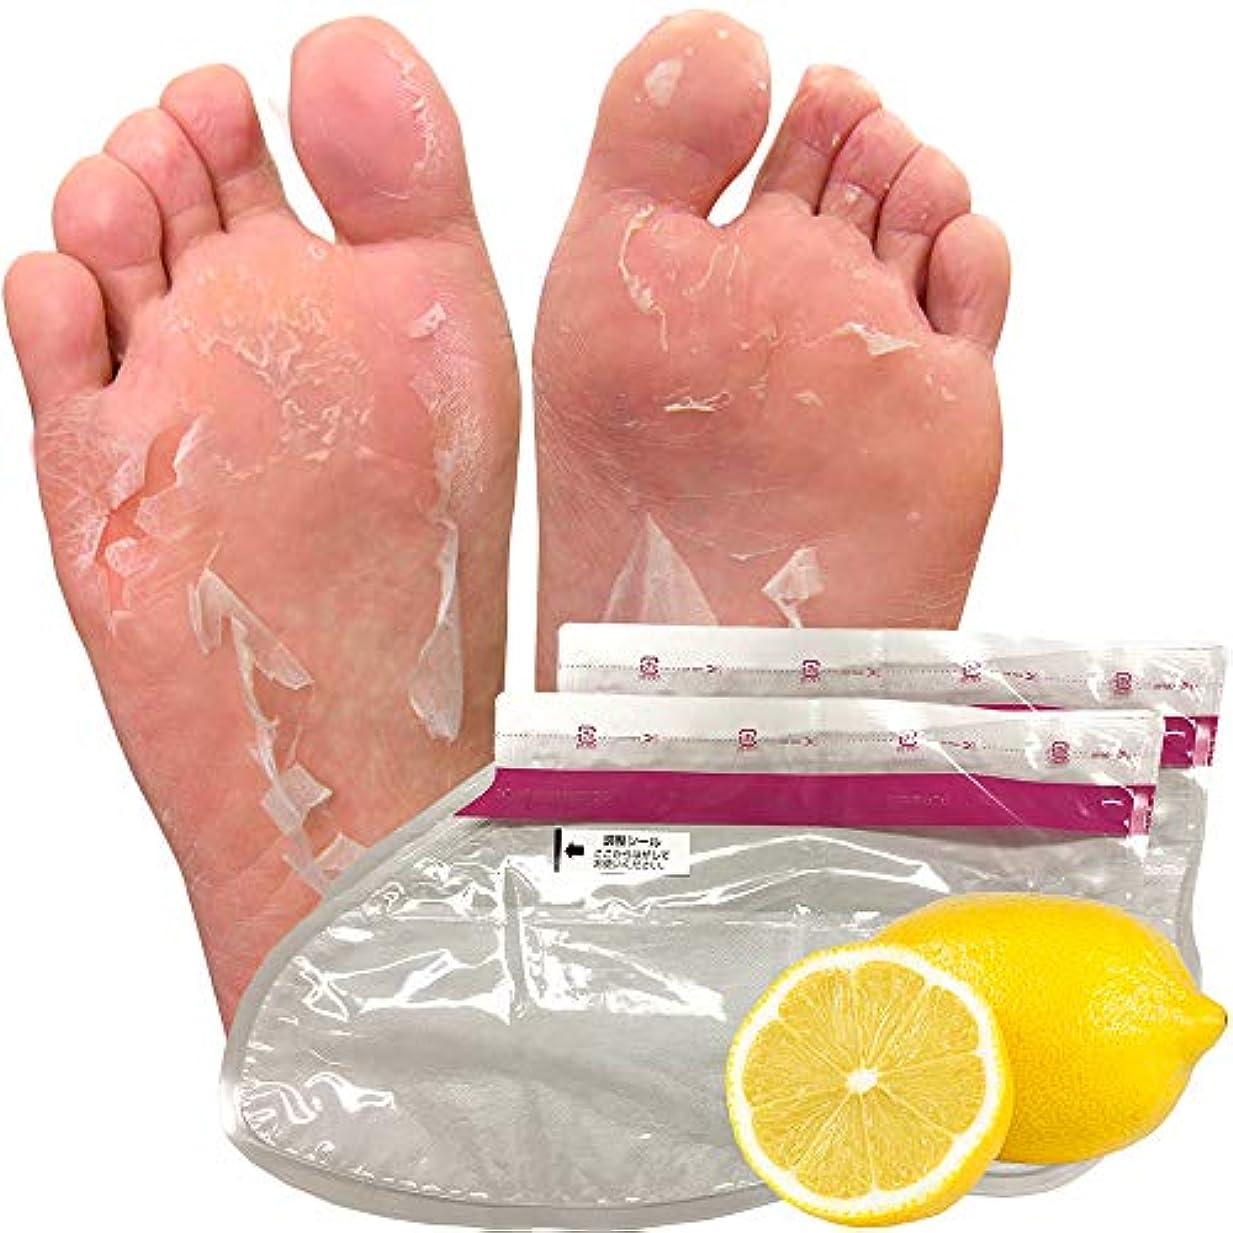 負荷申し込むマーティフィールディング【3回分】レモン フットピーリングパック ペロリン 足の角質取りパック 足 かくしつ 除去バック 足の裏